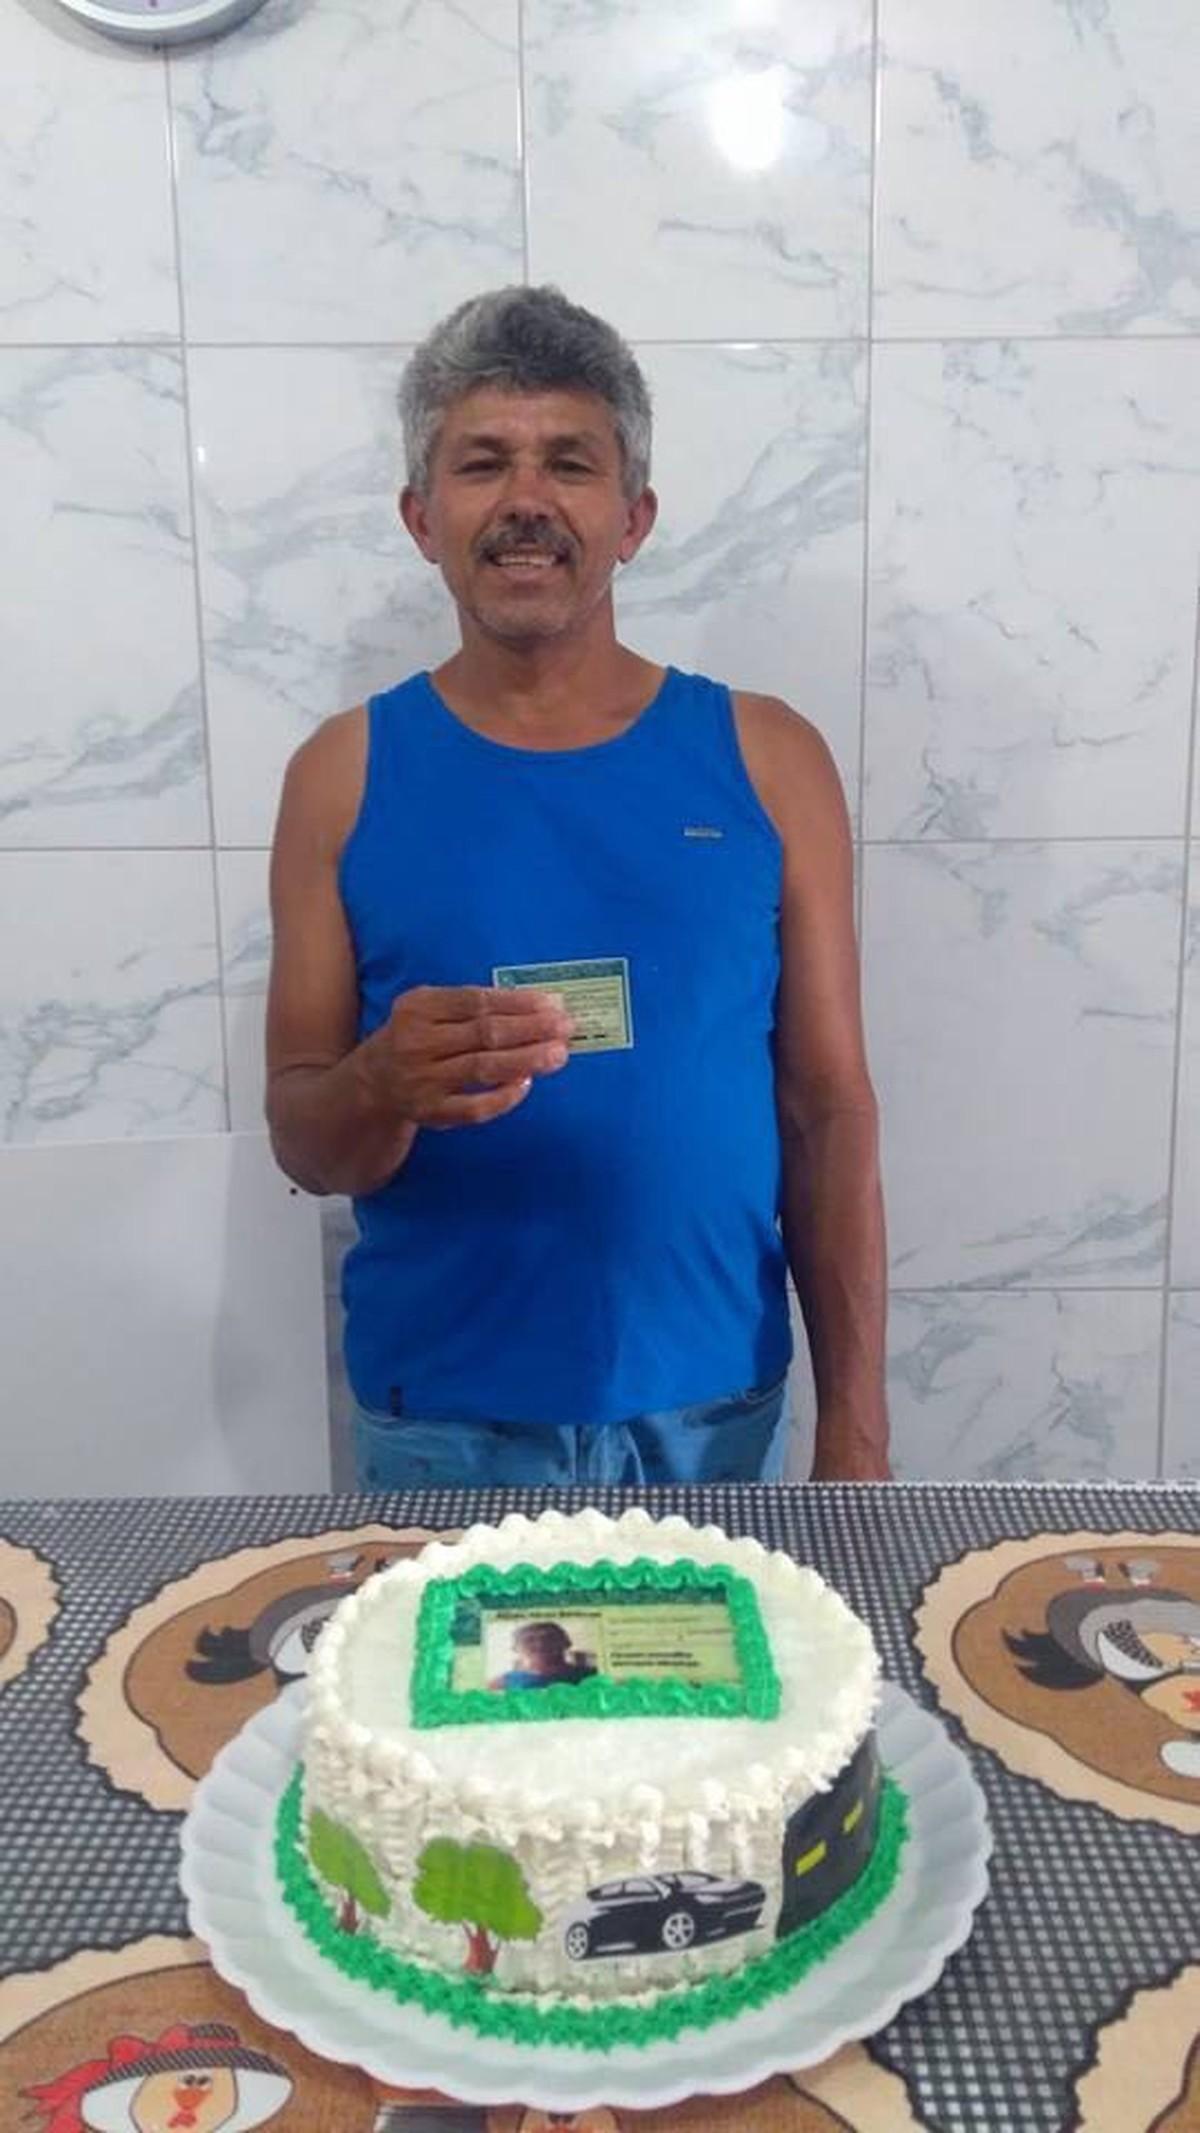 Após 13 reprovações, feirante tira CNH, ganha festa temática da família e diz: 'Nunca pensei em desistir'